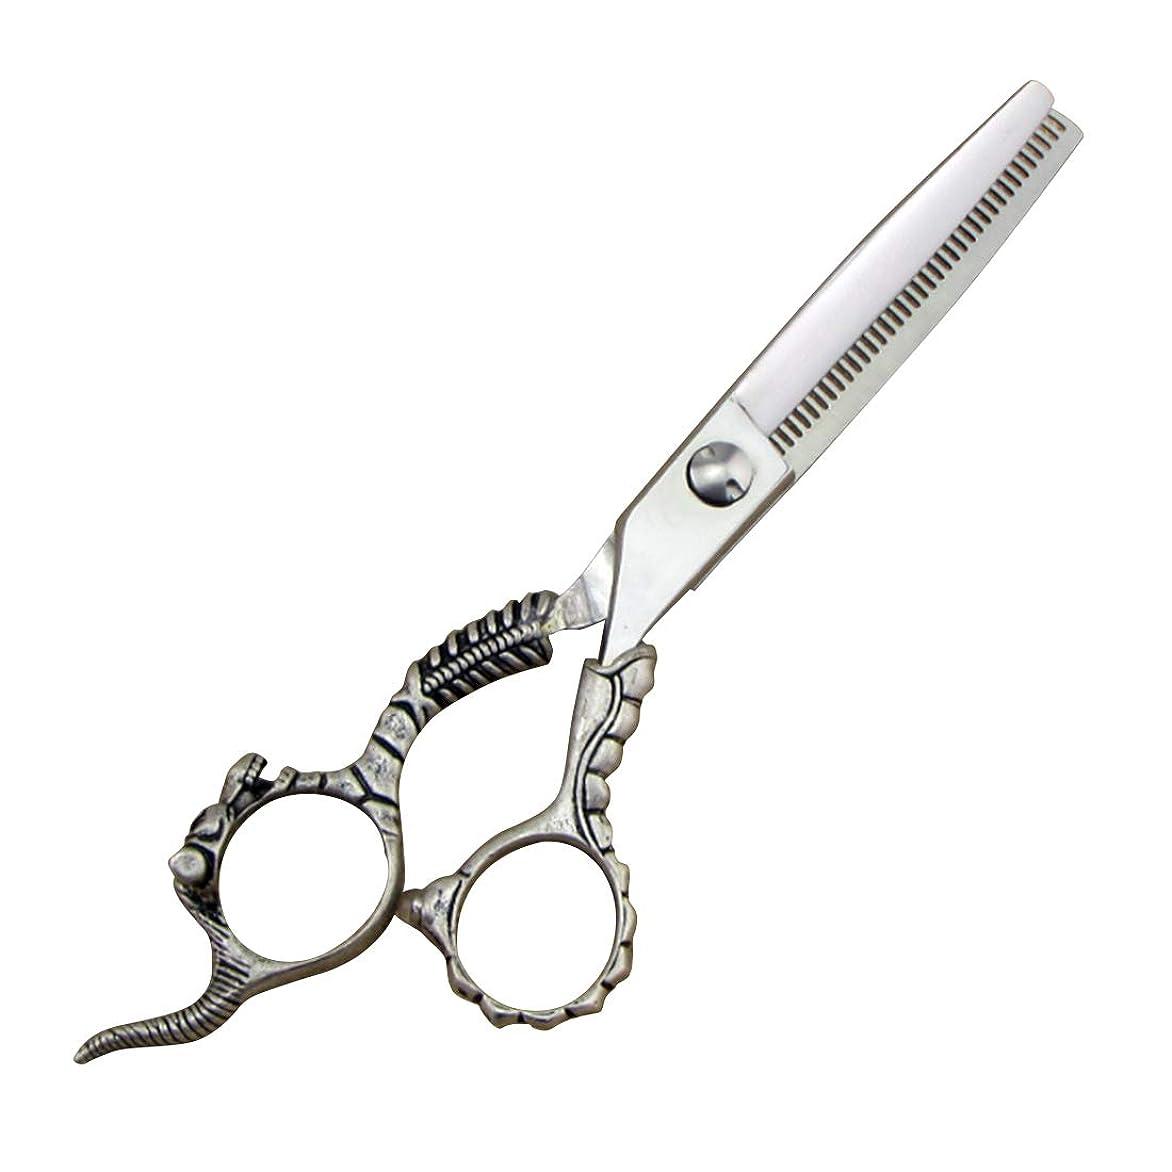 黒板いとこ問い合わせるバリカンはさみプロ理髪はさみ - 理髪はさみセット - ステンレス鋼の歯はさみ&フラットせん断 モデリングツール (色 : Silver)